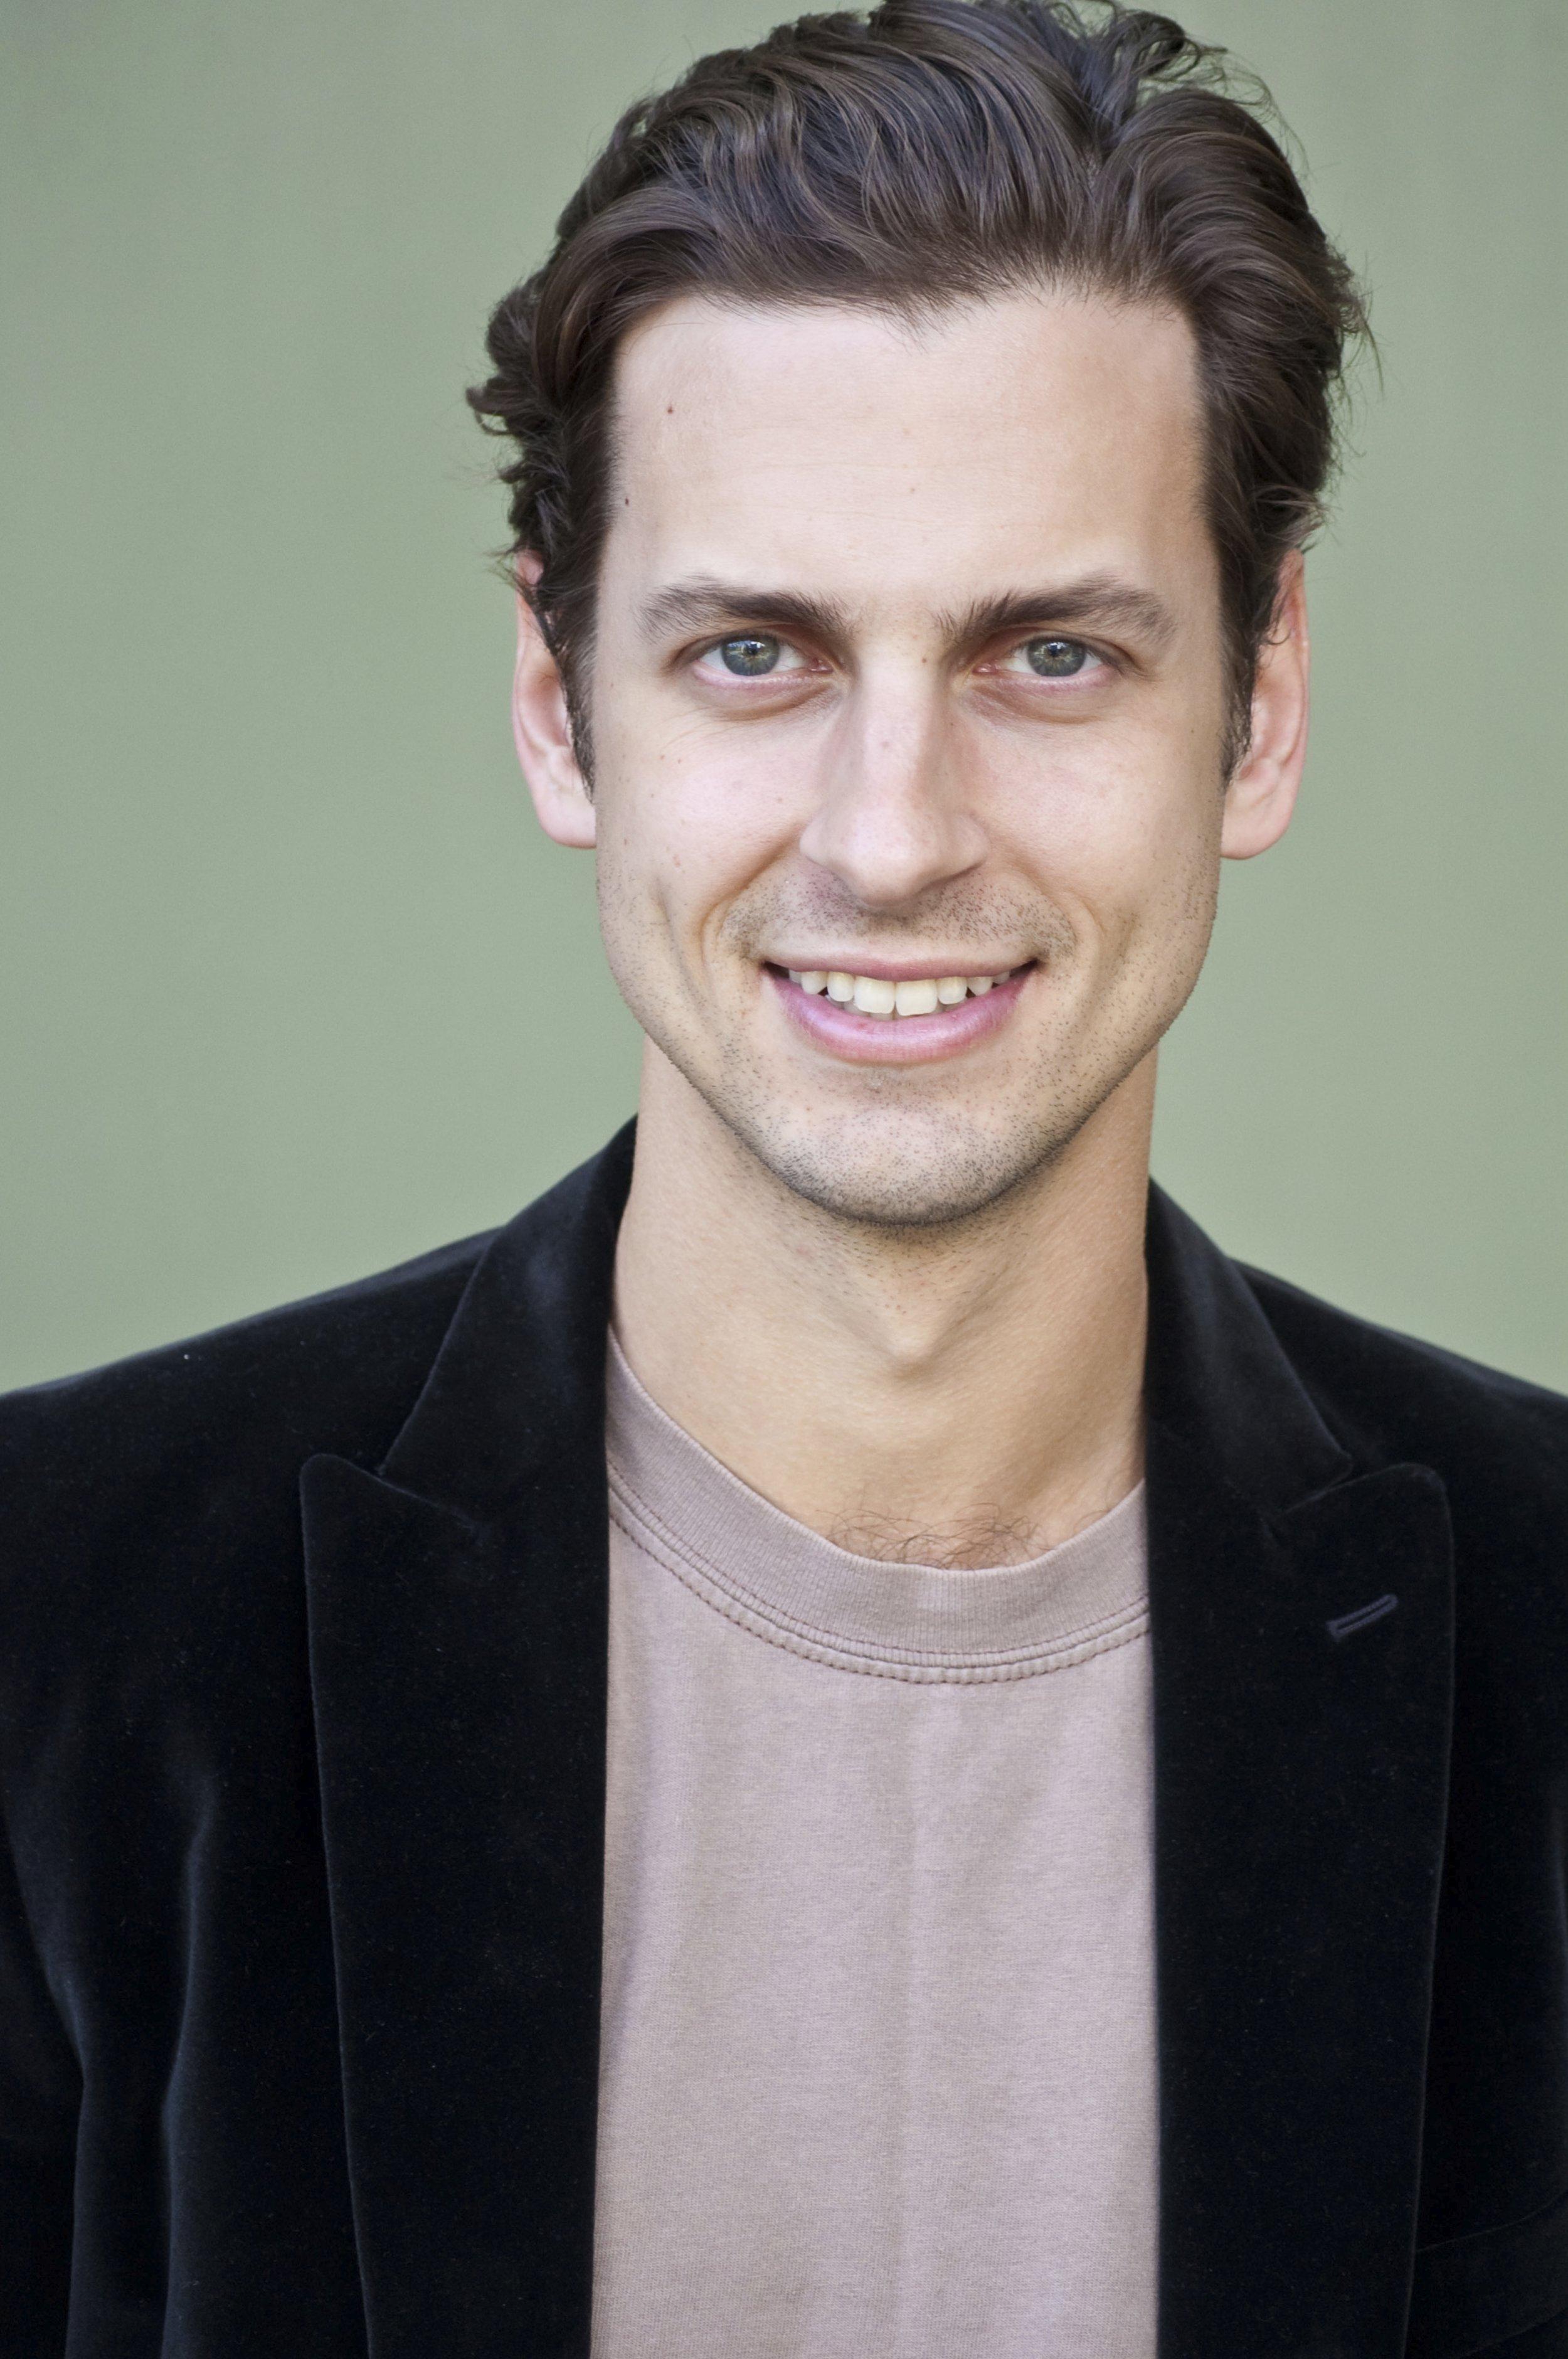 Quinn Mattfeld